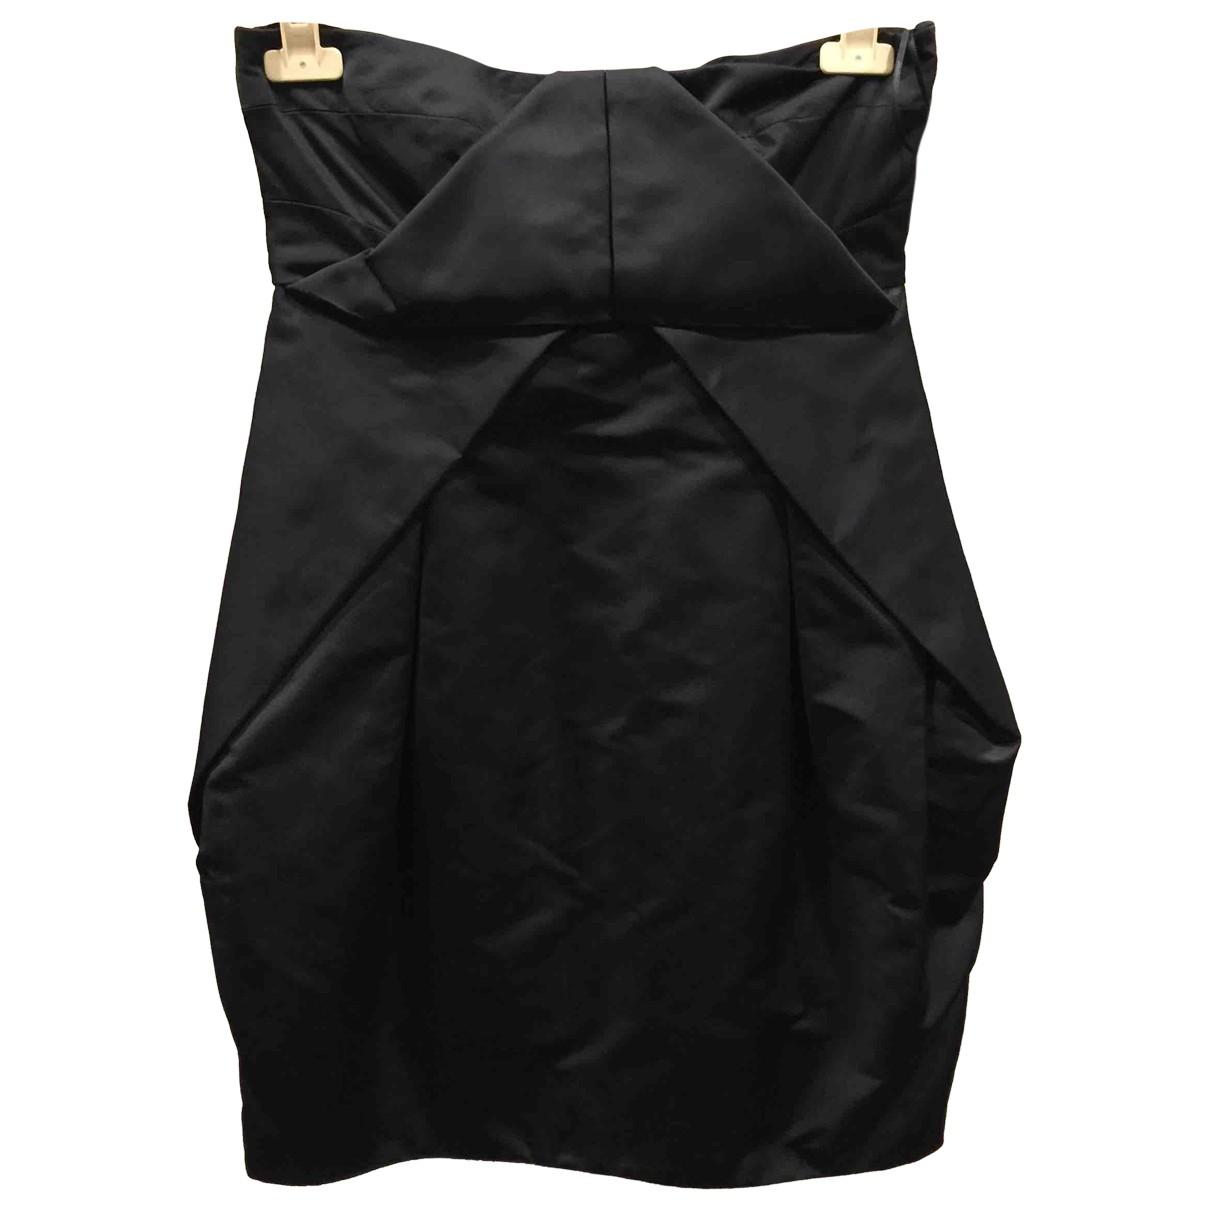 Gucci - Jupe   pour femme - noir